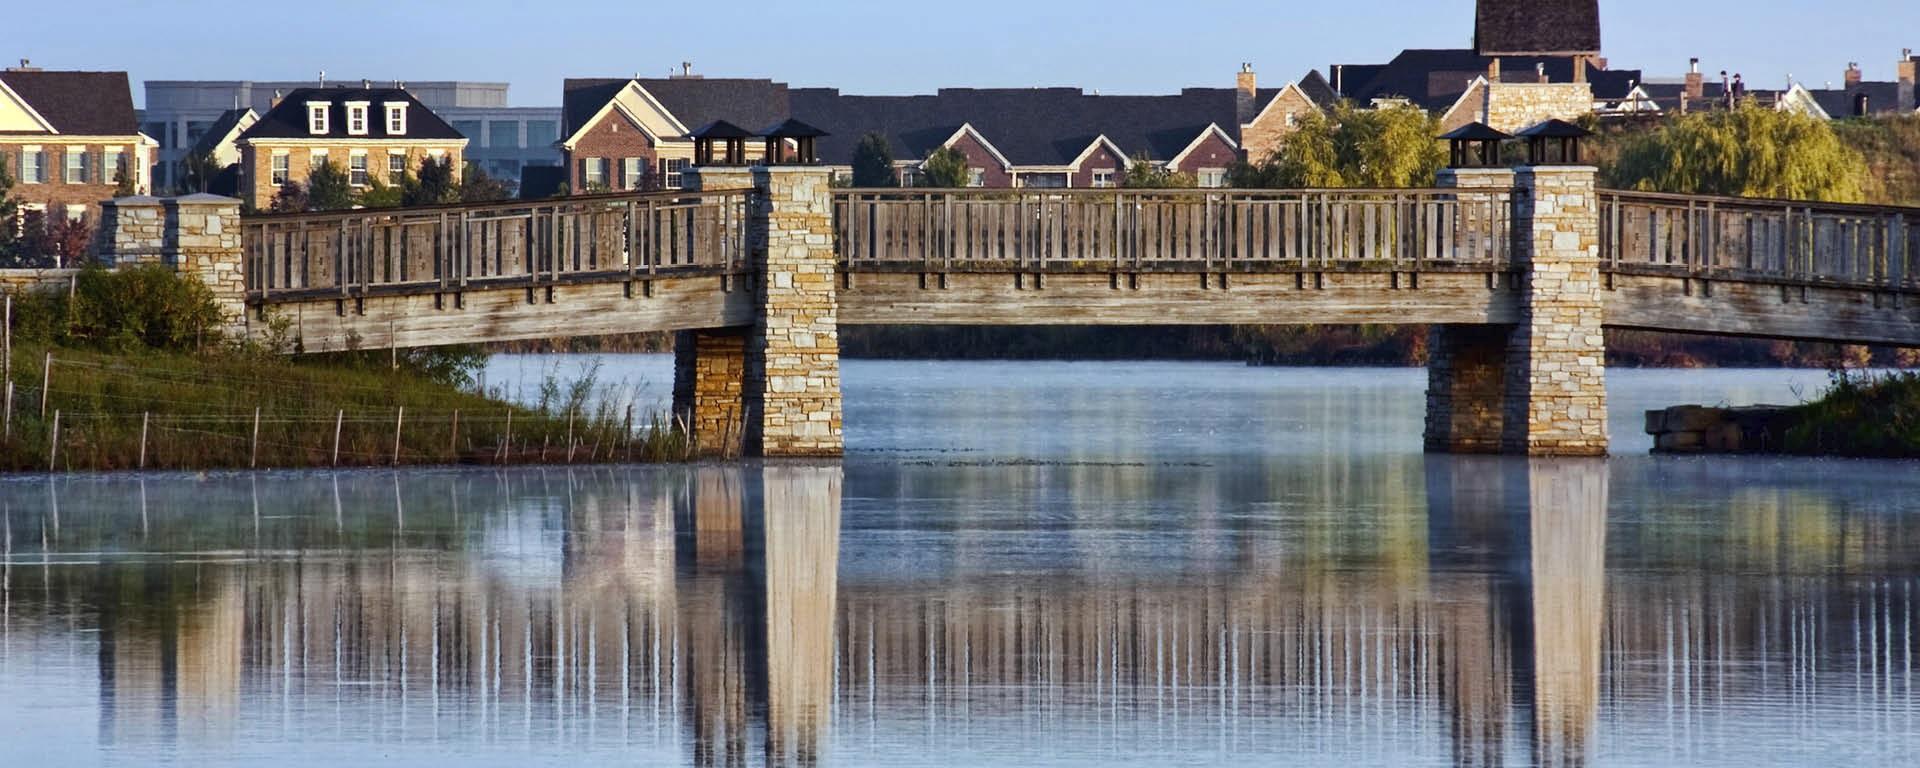 Glenview Bridge